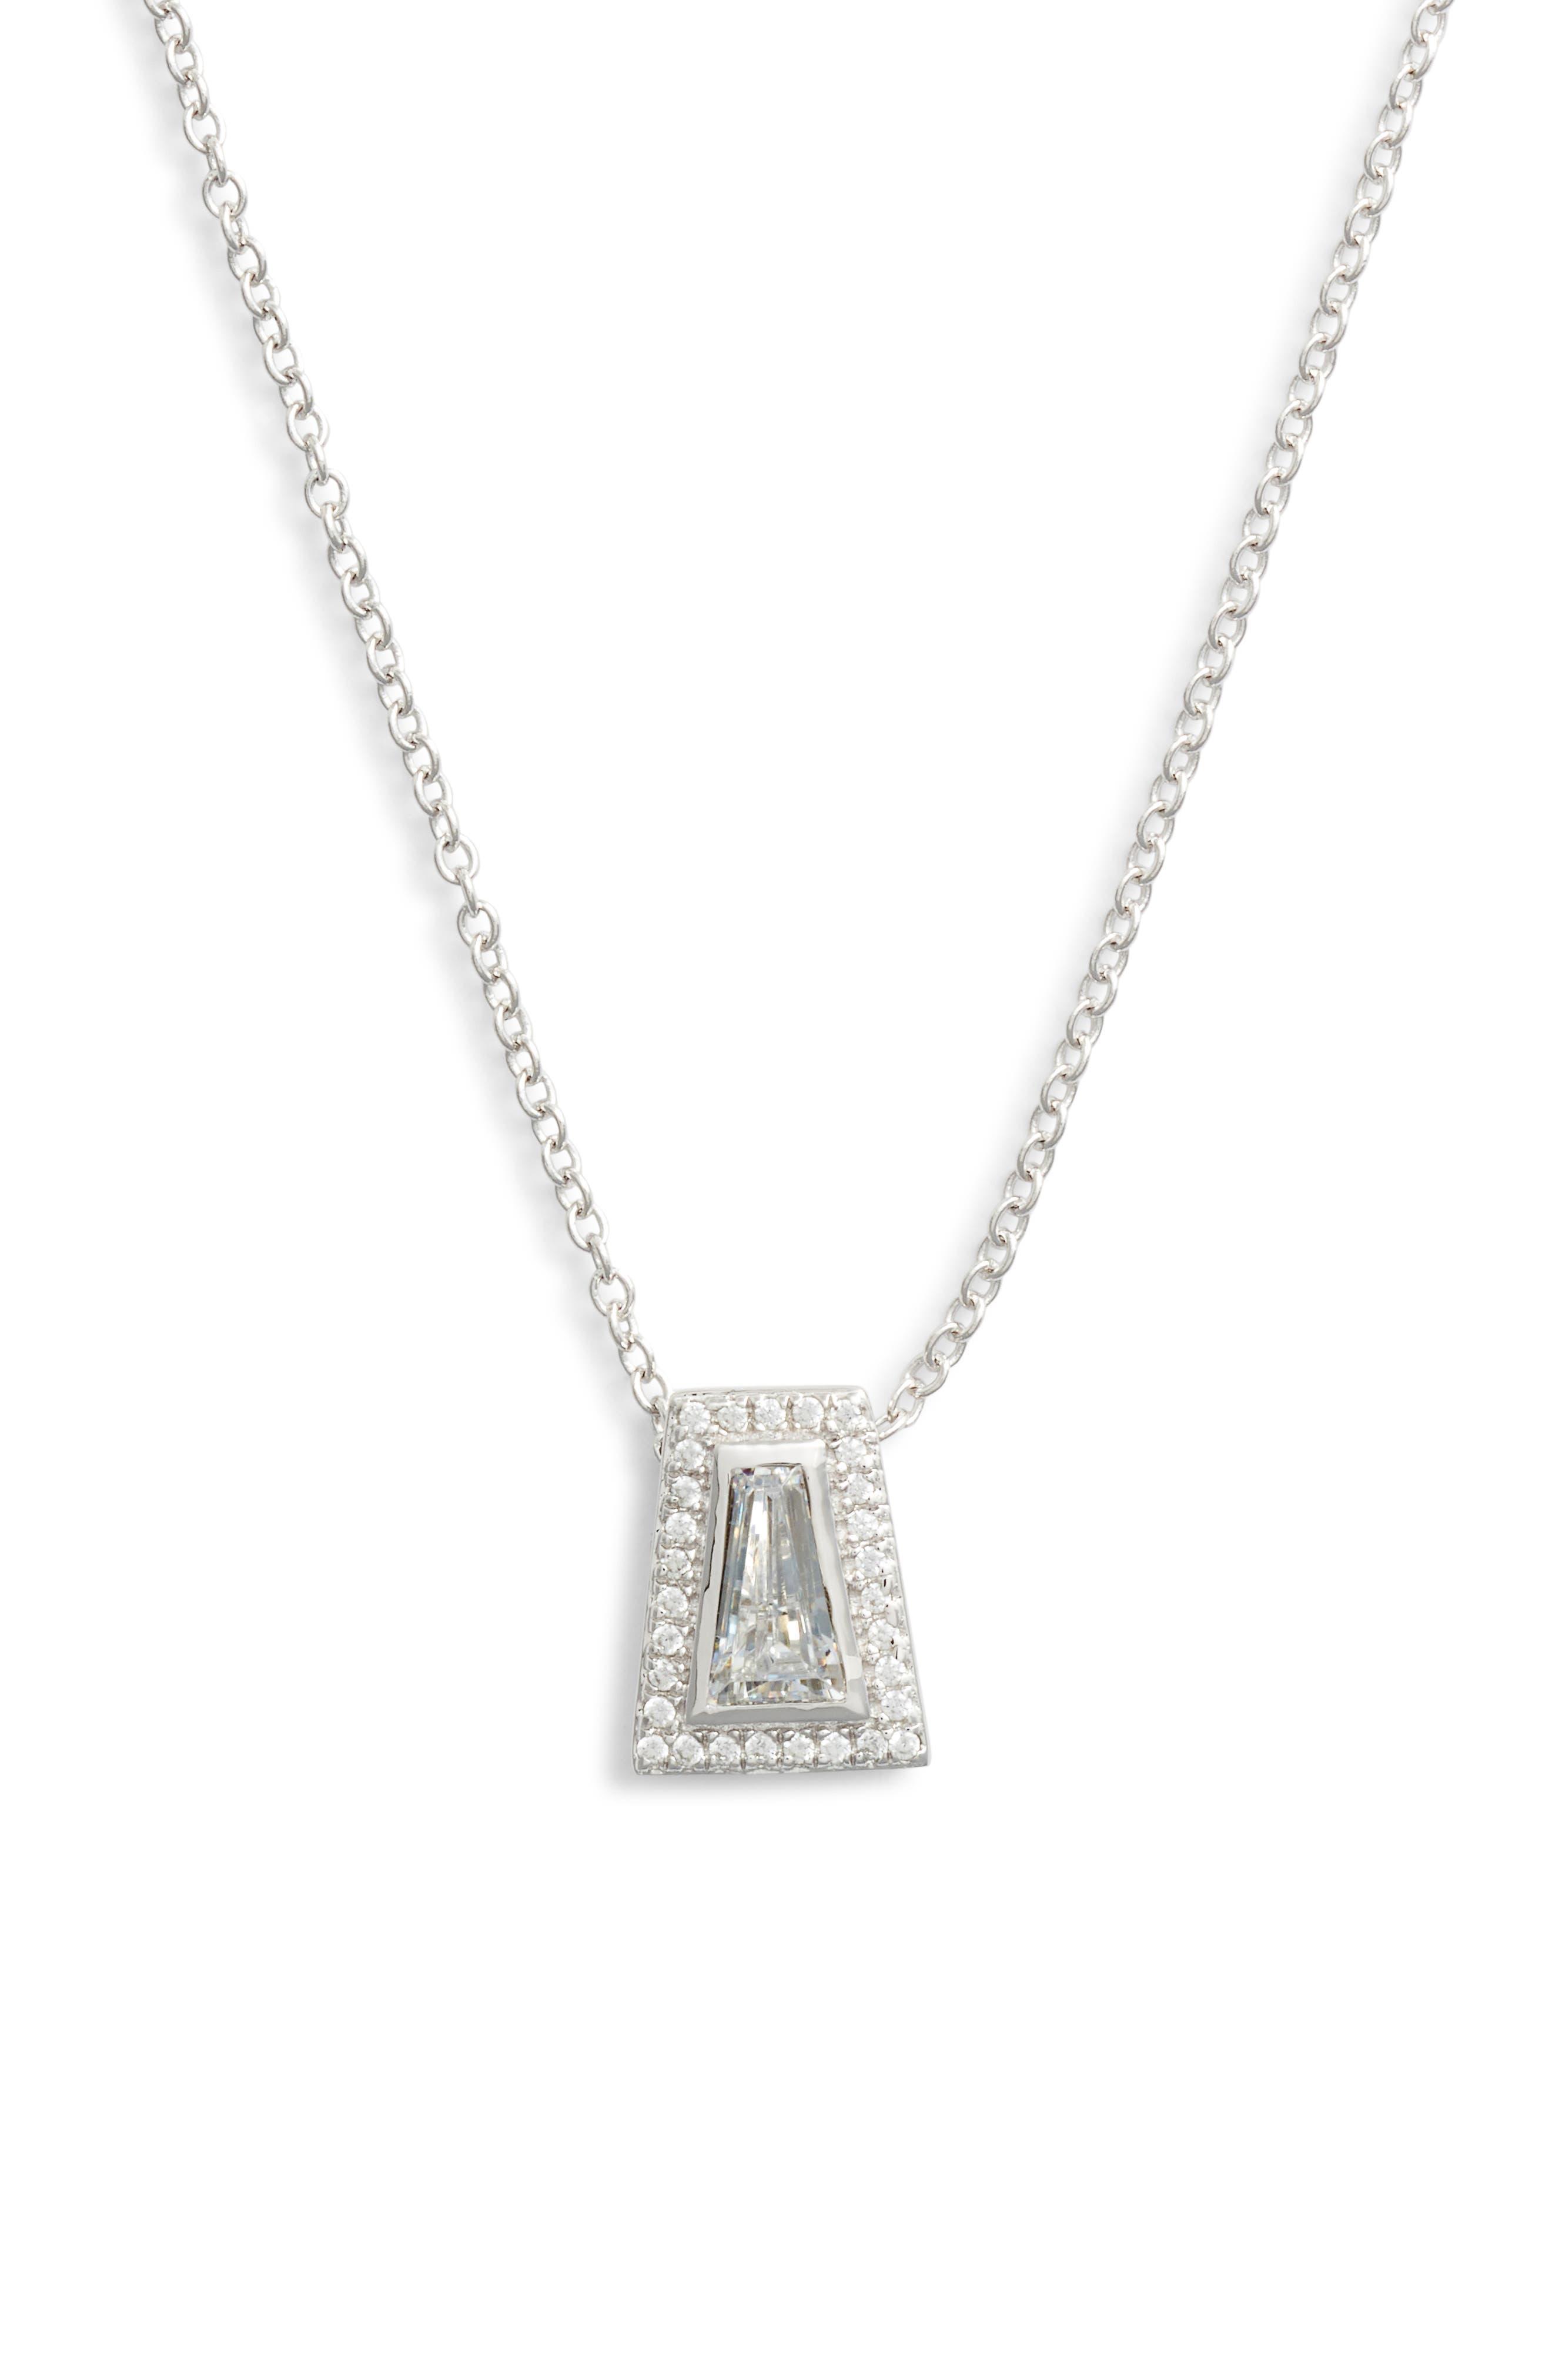 Bezel Pendant Necklace,                             Main thumbnail 1, color,                             Silver/ Clear